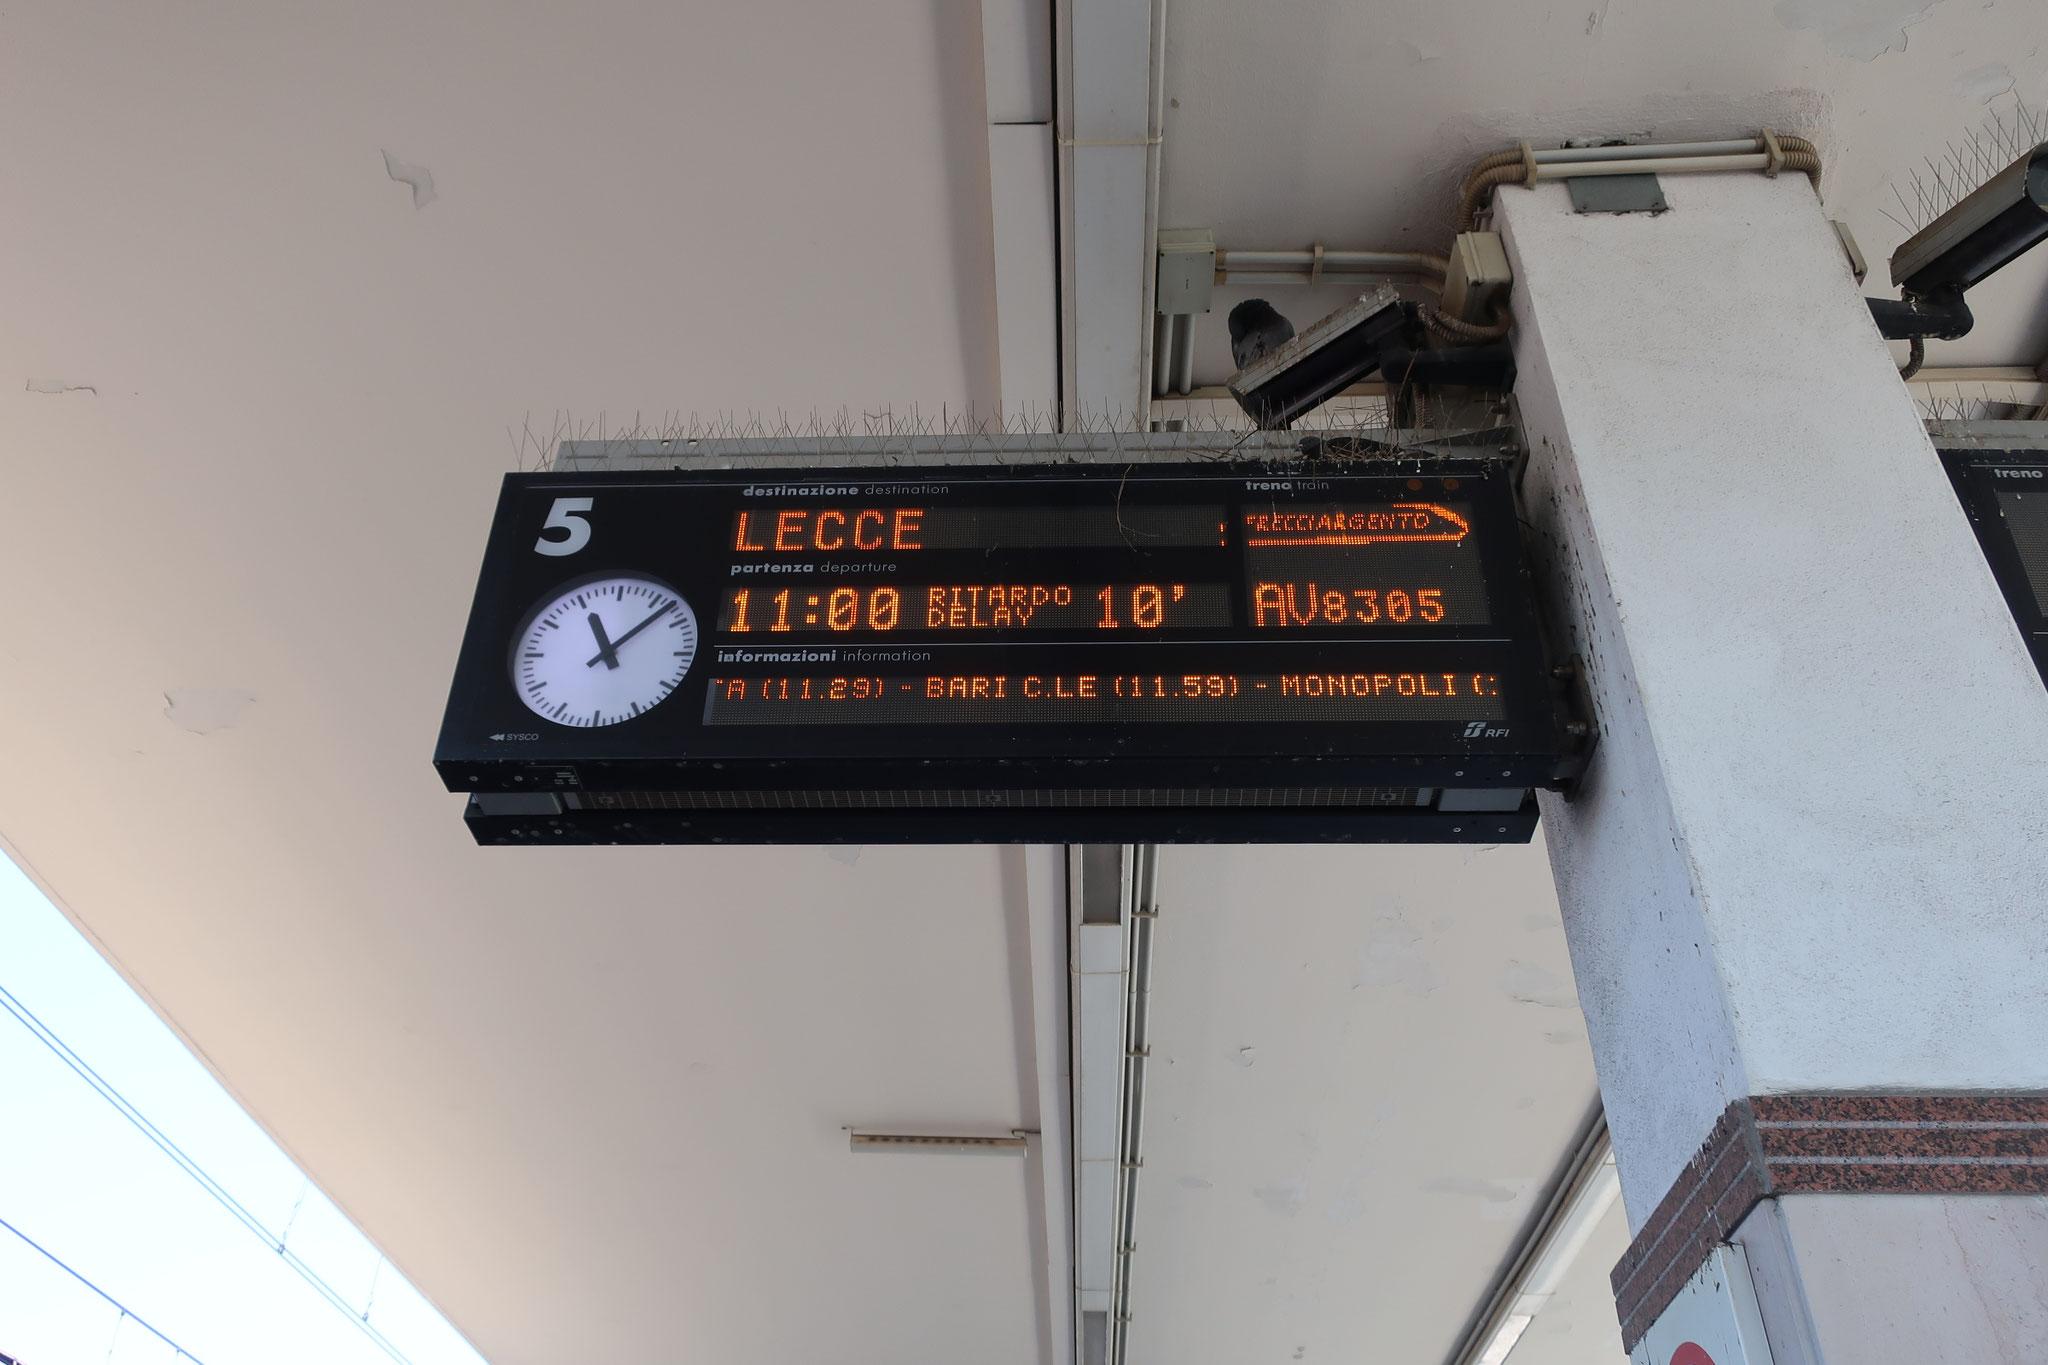 この電車はイタリアのかかとの先端まで行くようです